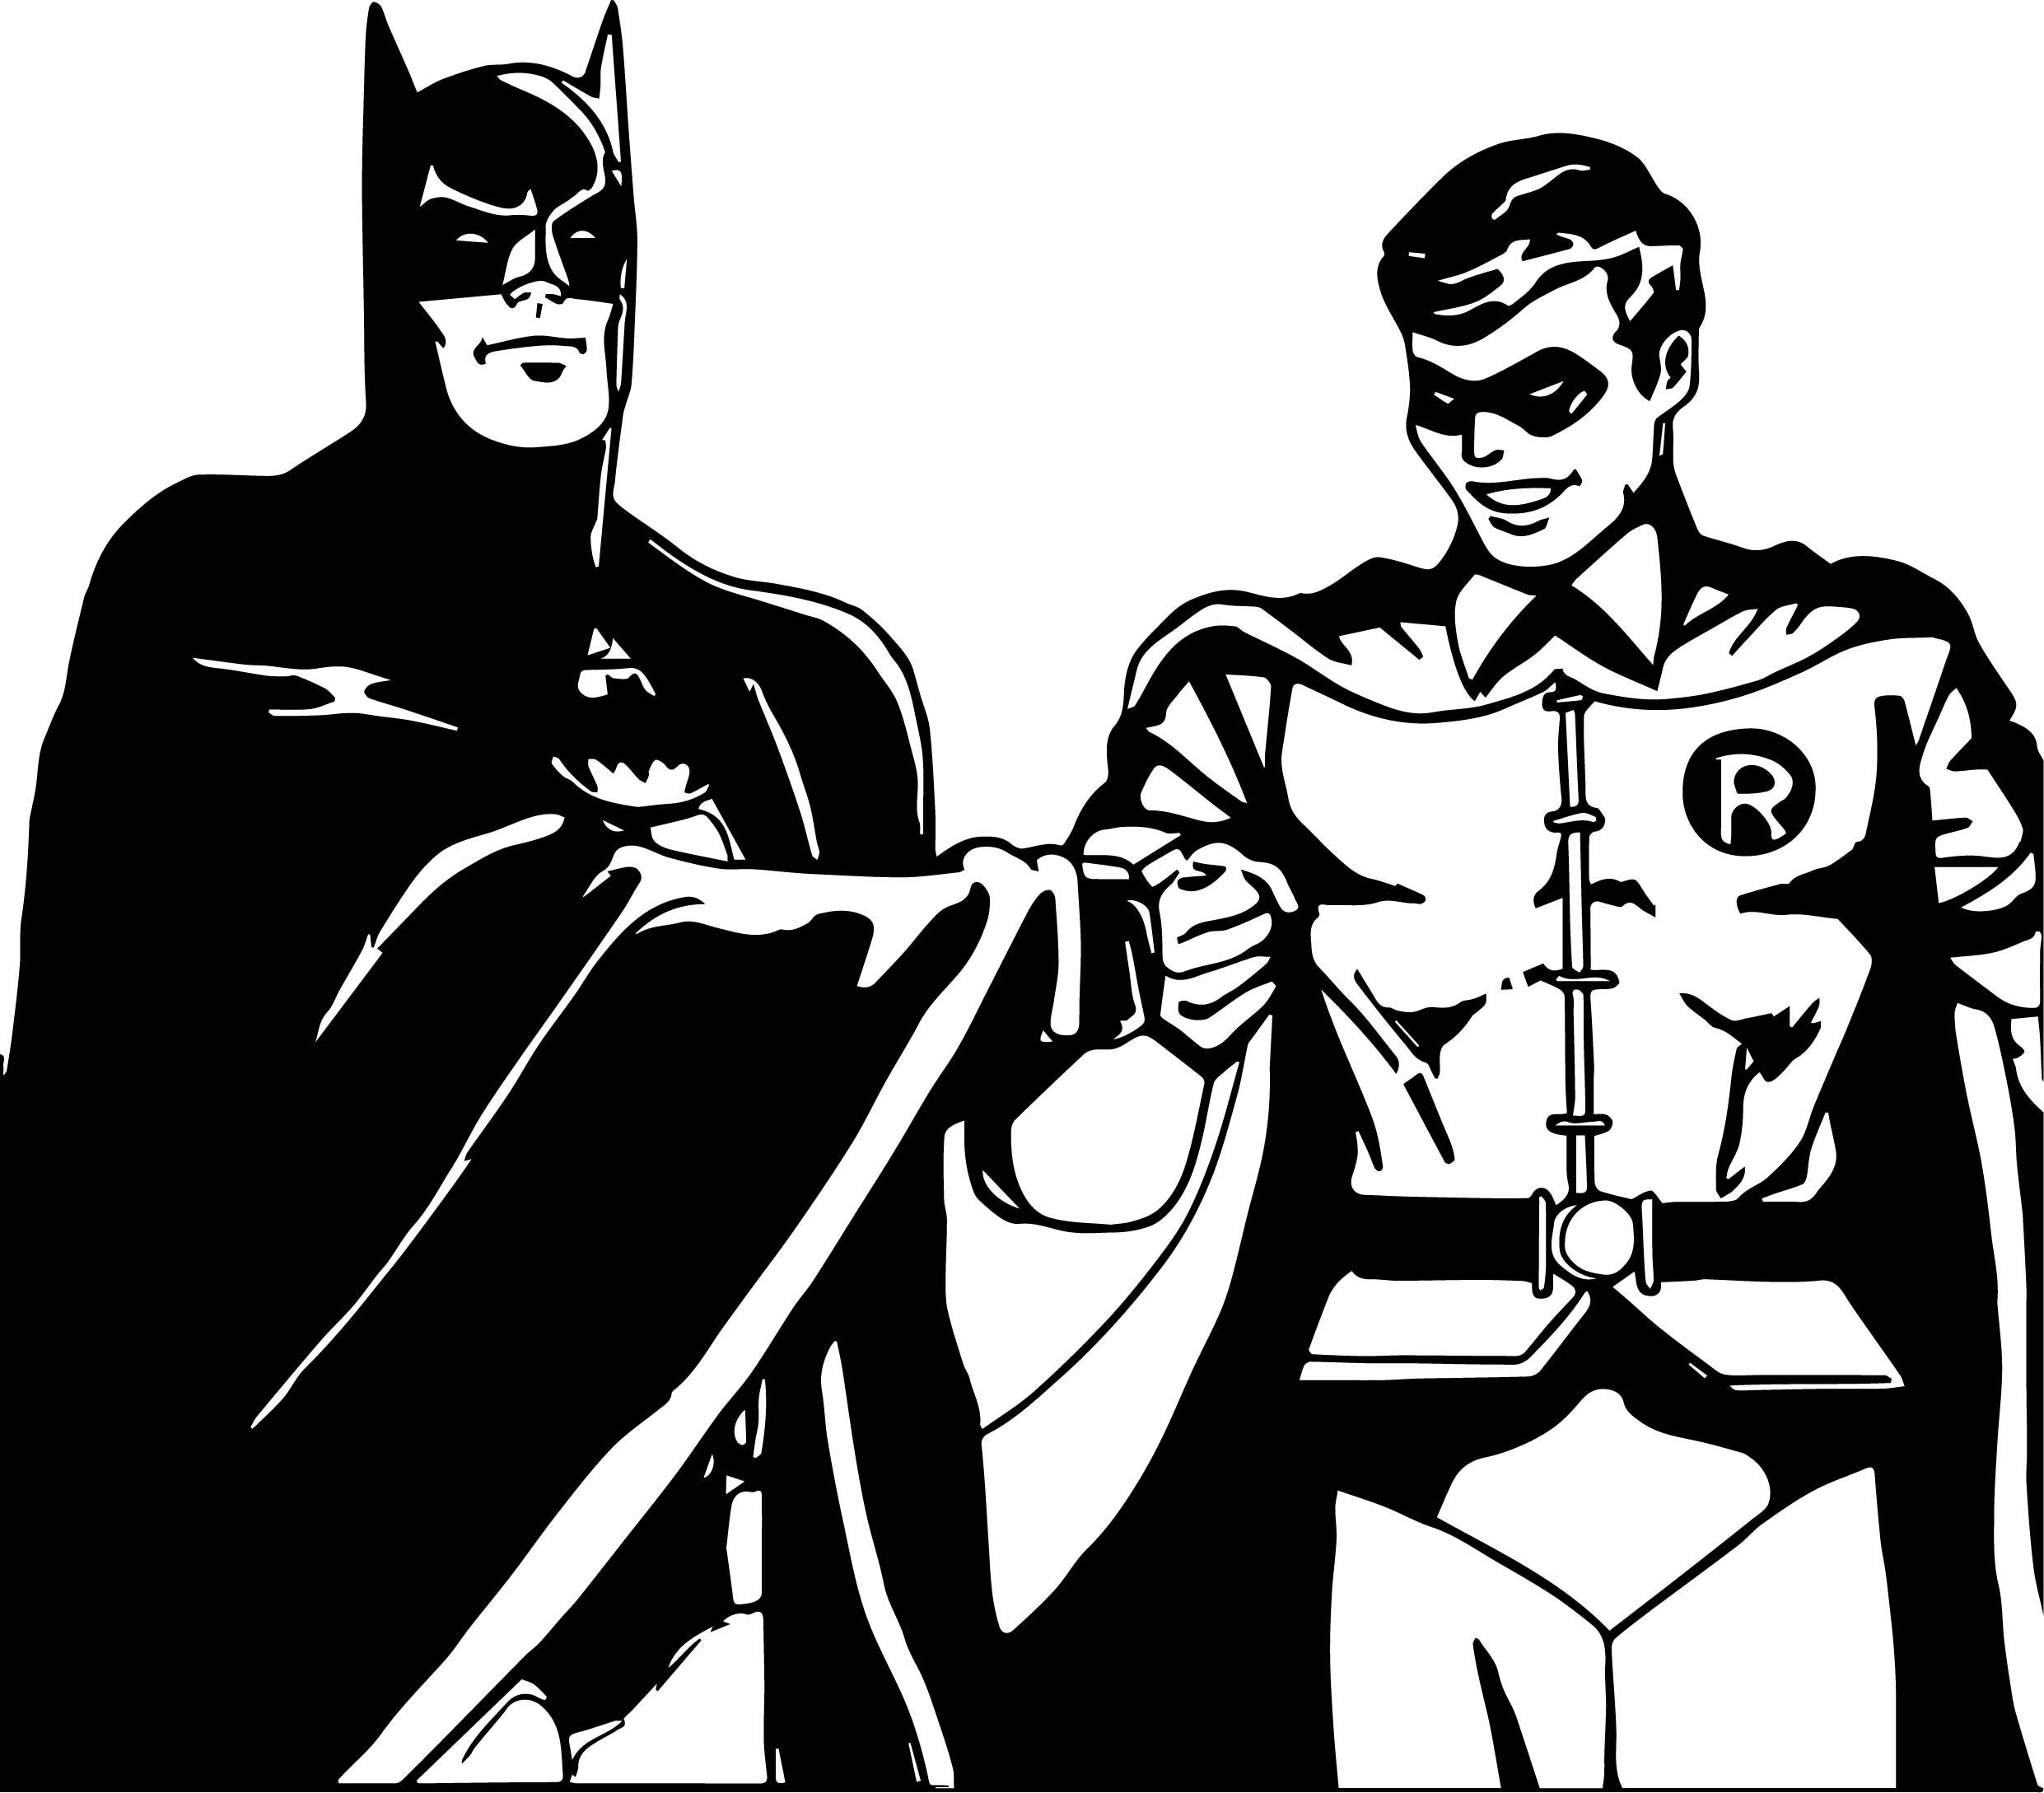 batman and robin cartoon kick hand coloring page - Batman And Robin Coloring Pages